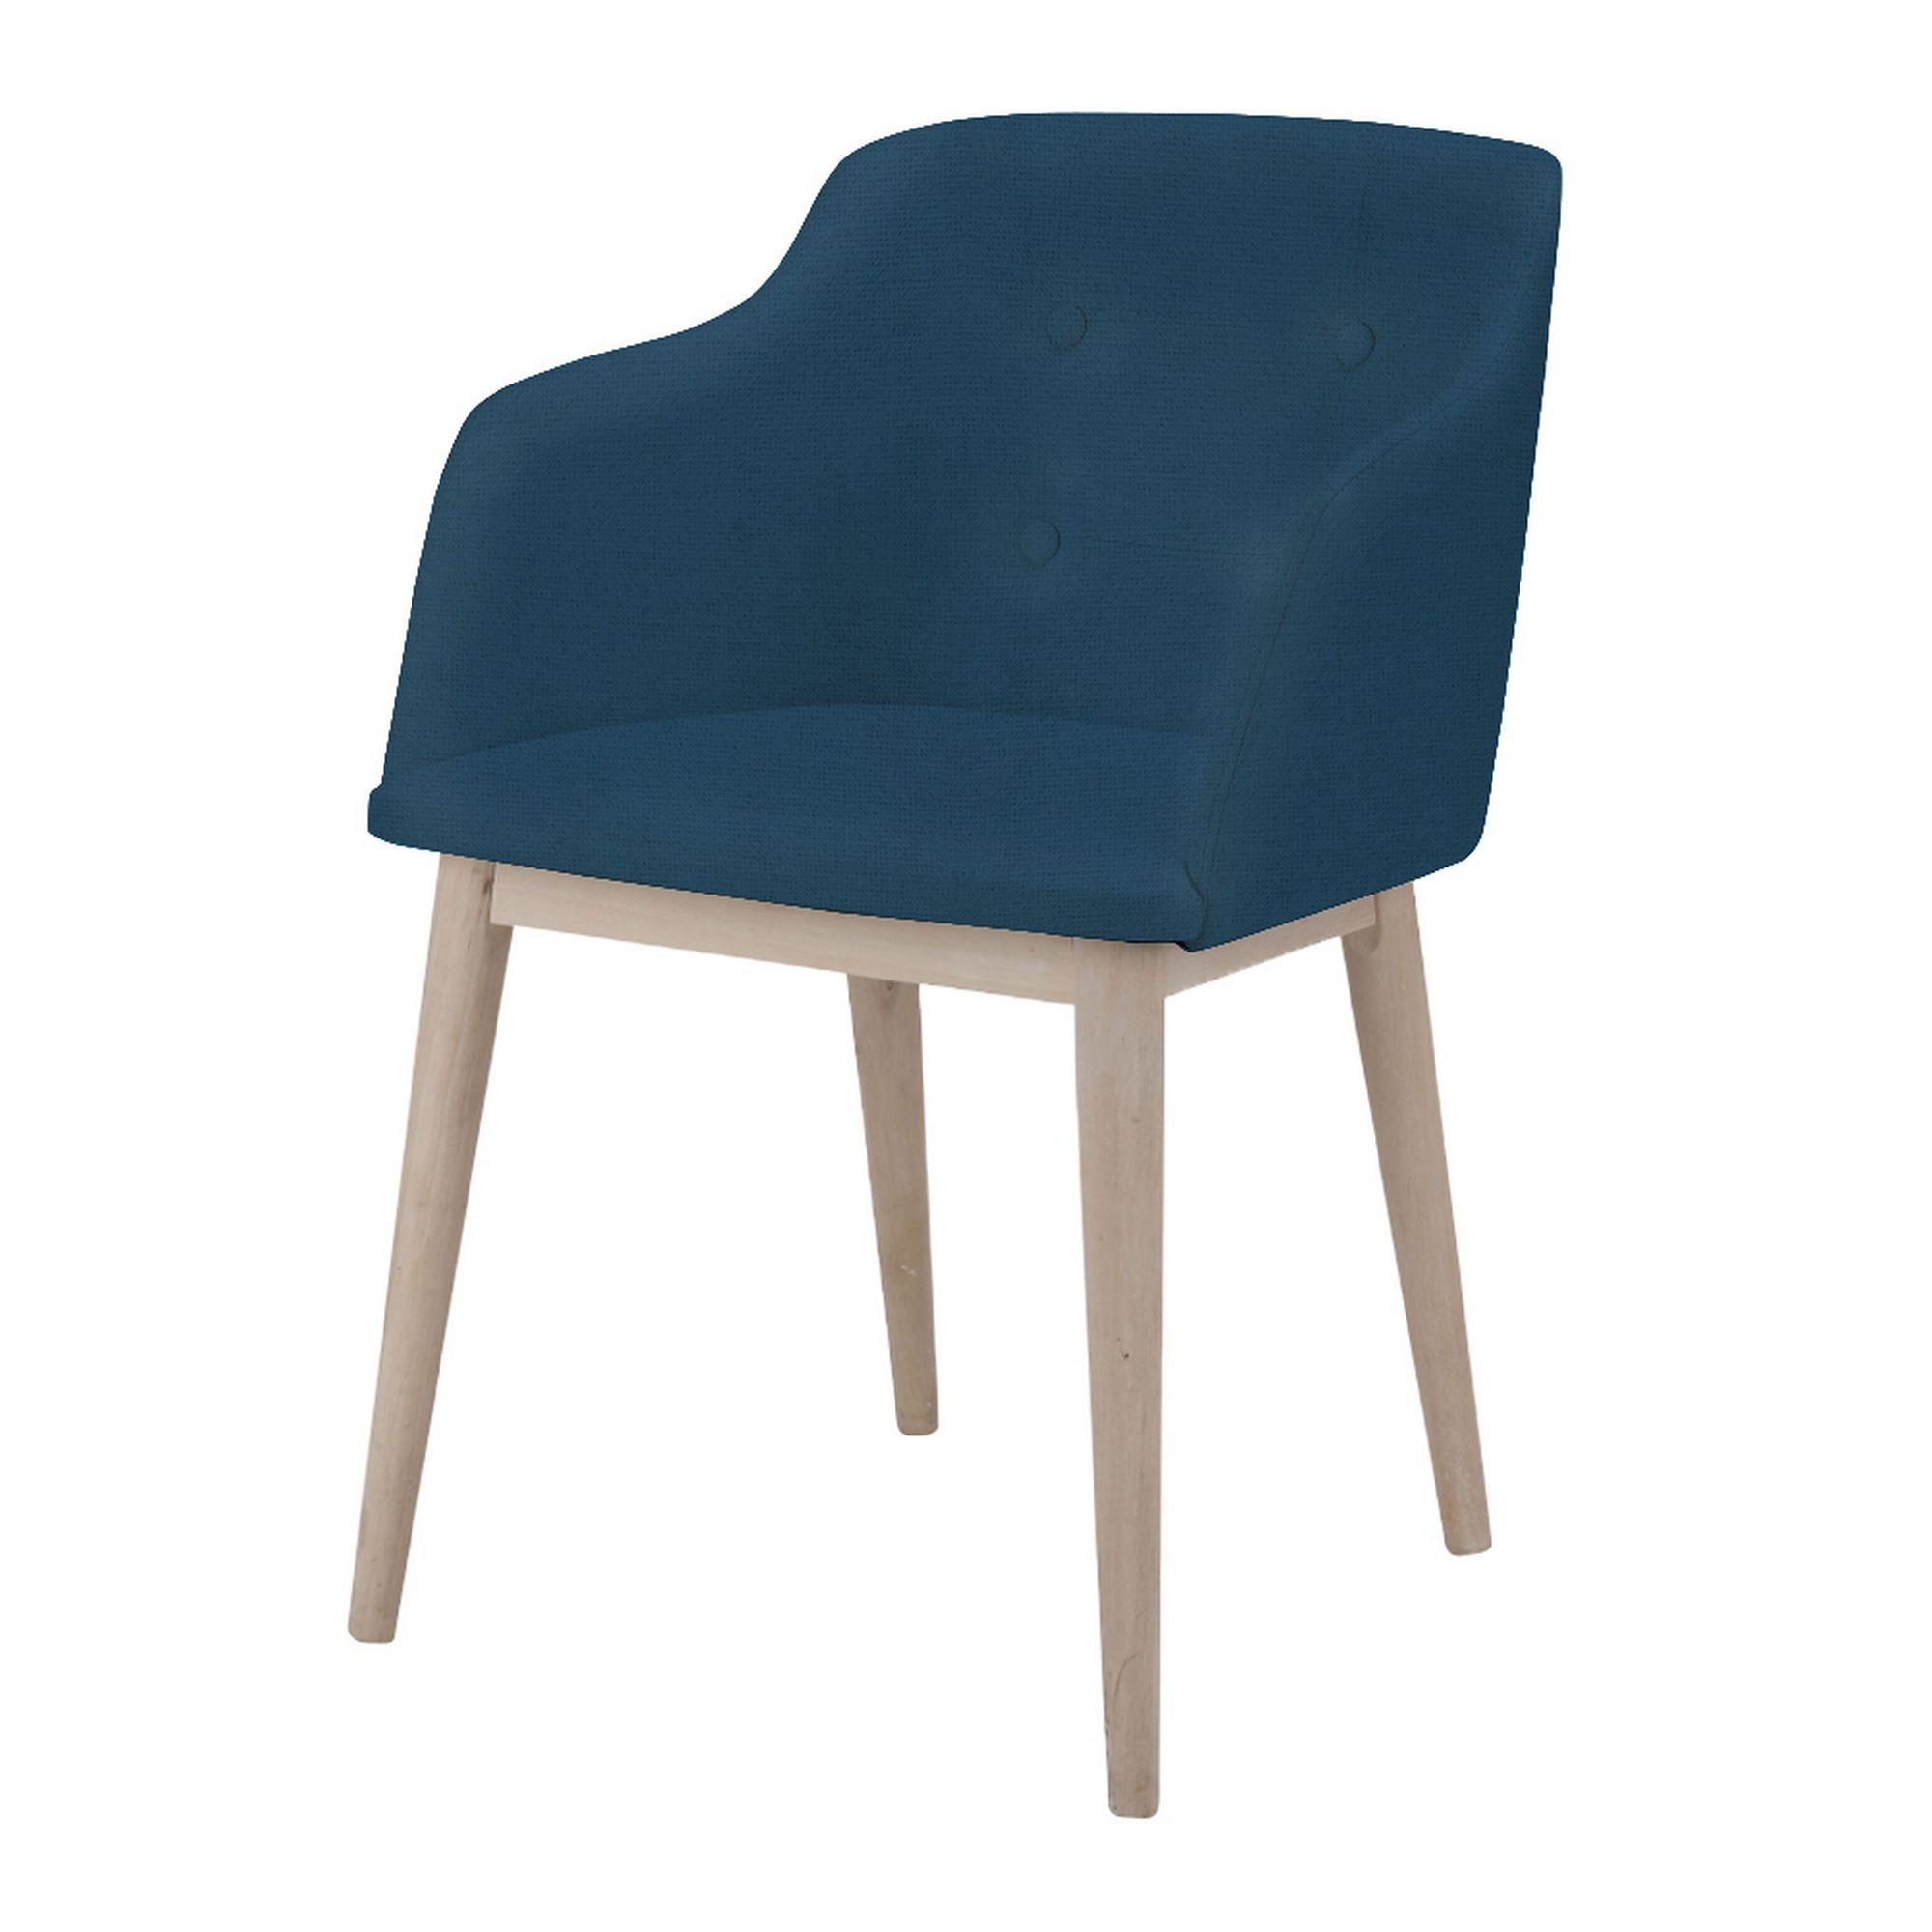 Chaise De S Jour Capitonn E Bleue Fonc E Cork Chaises Tables  # Table Tv A Roulette Alinea